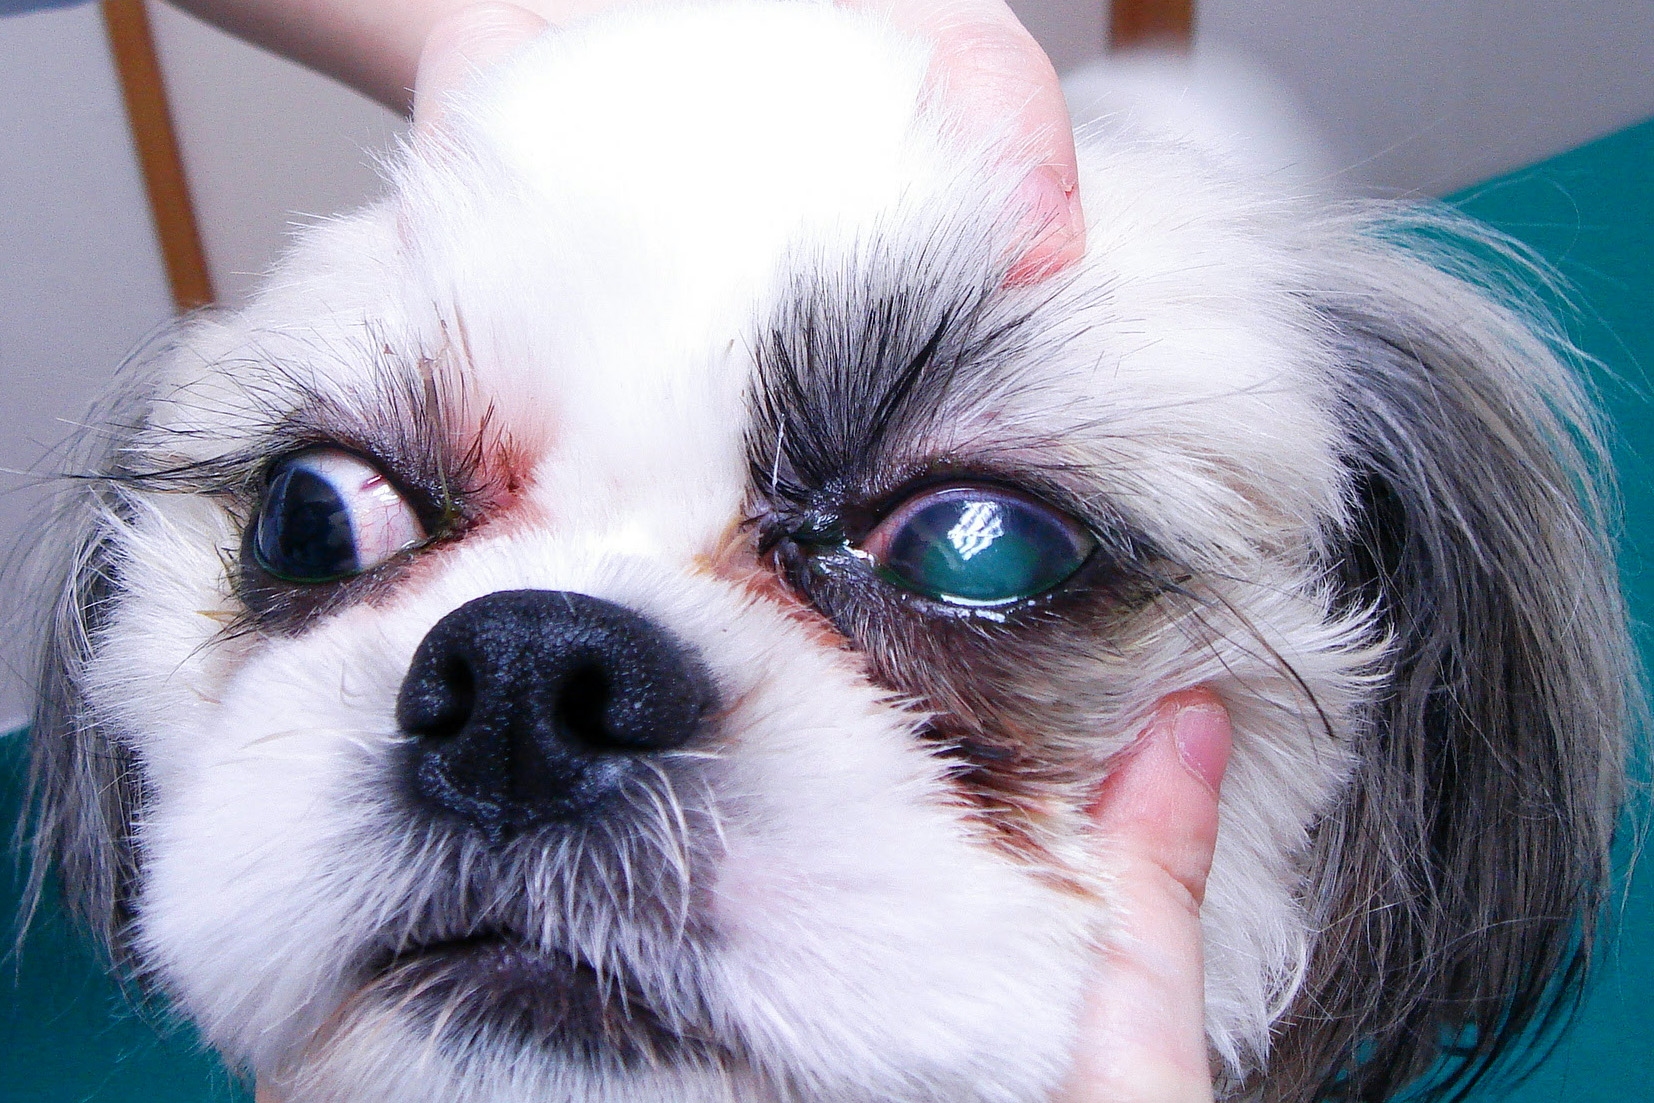 シャンプー後の角膜潰瘍